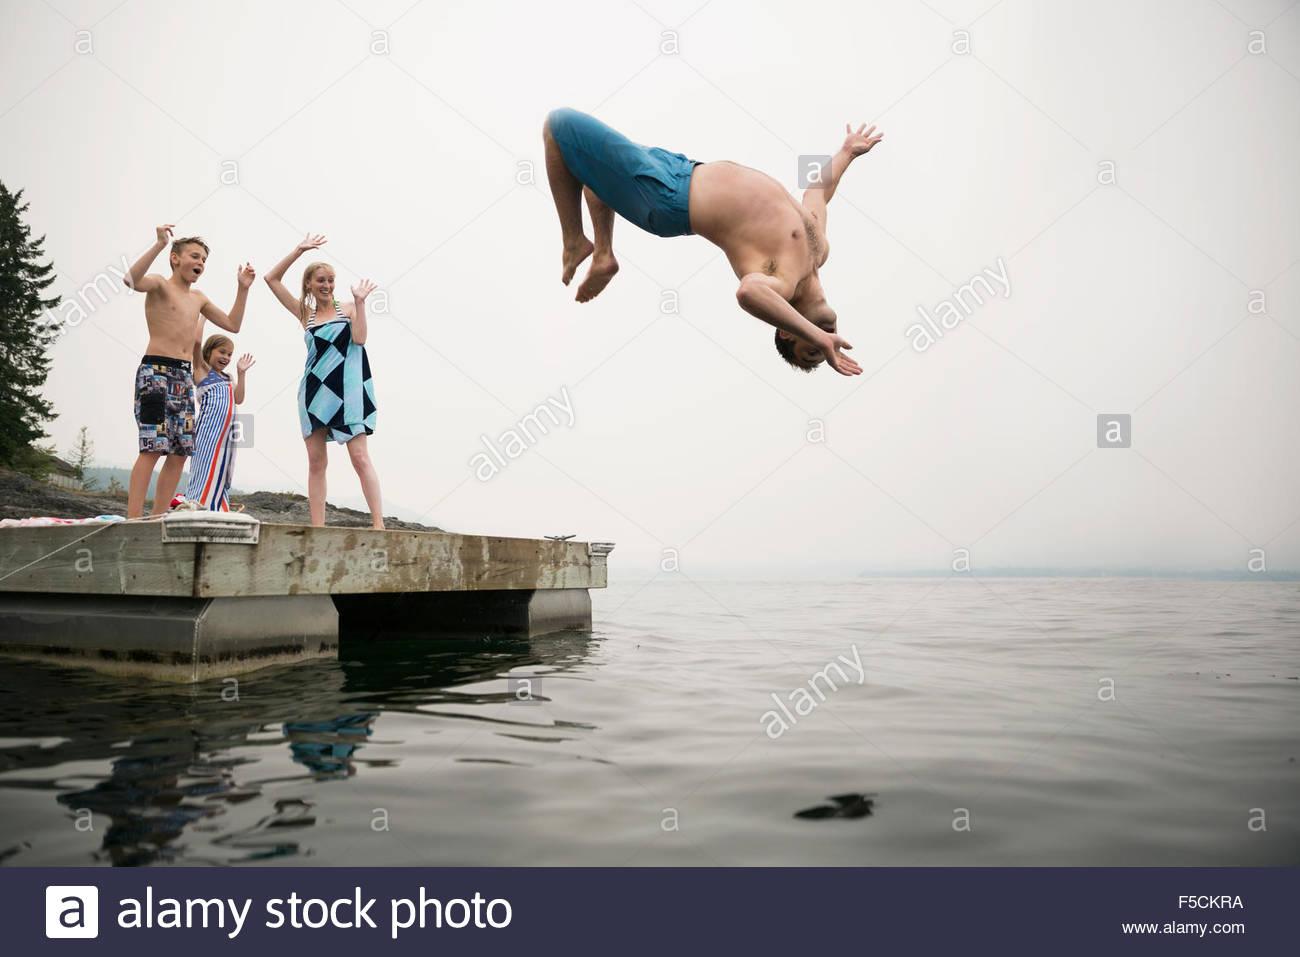 Famiglia tifo padre facendo backflip nel lago Immagini Stock